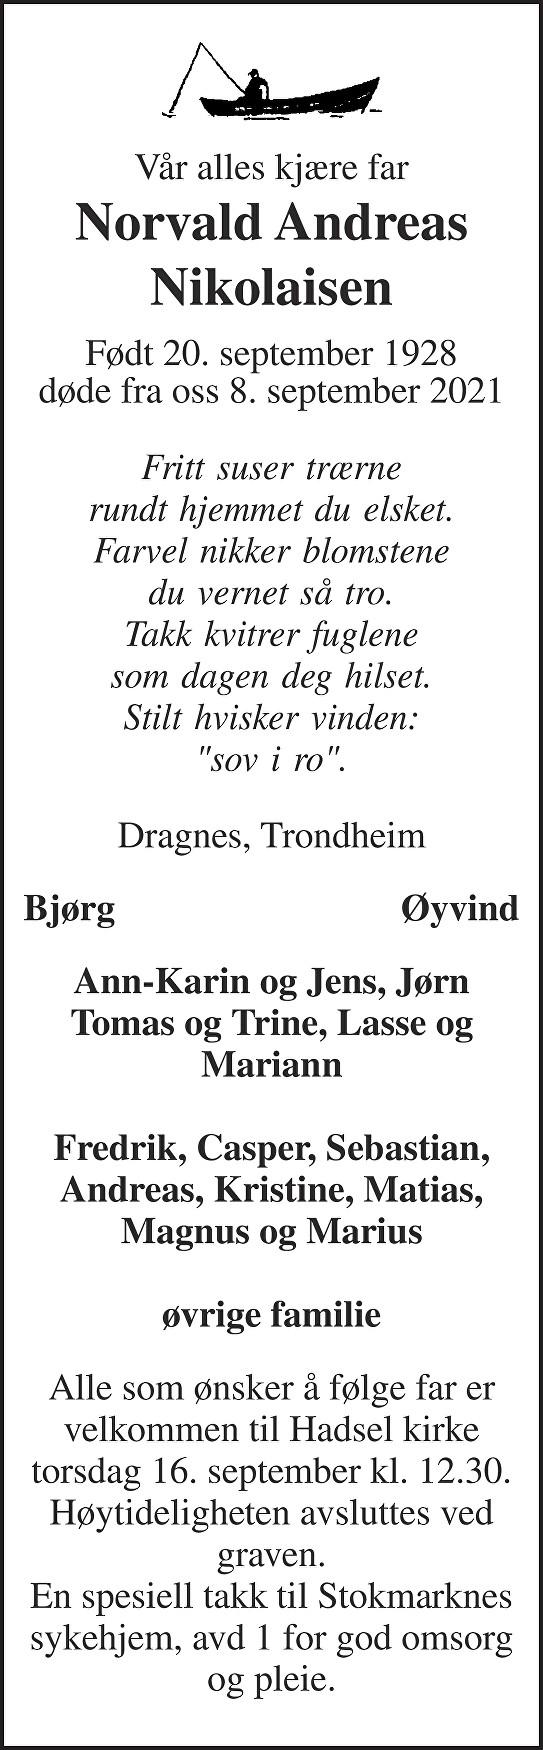 Norvald Andreas Nikolaisen Dødsannonse